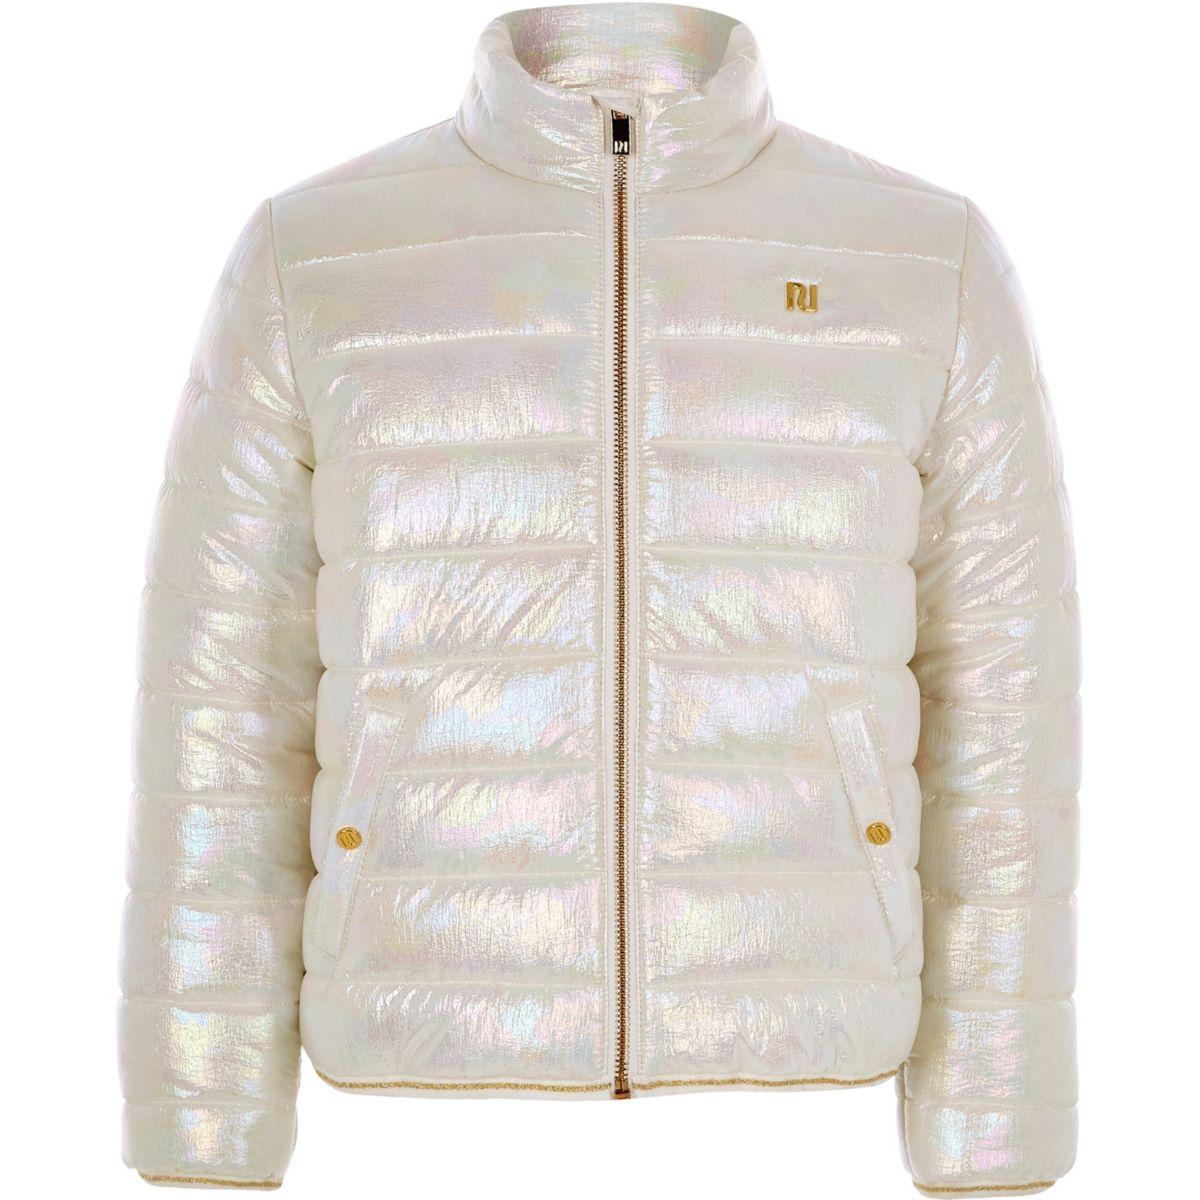 Girls white metallic bomber jacket